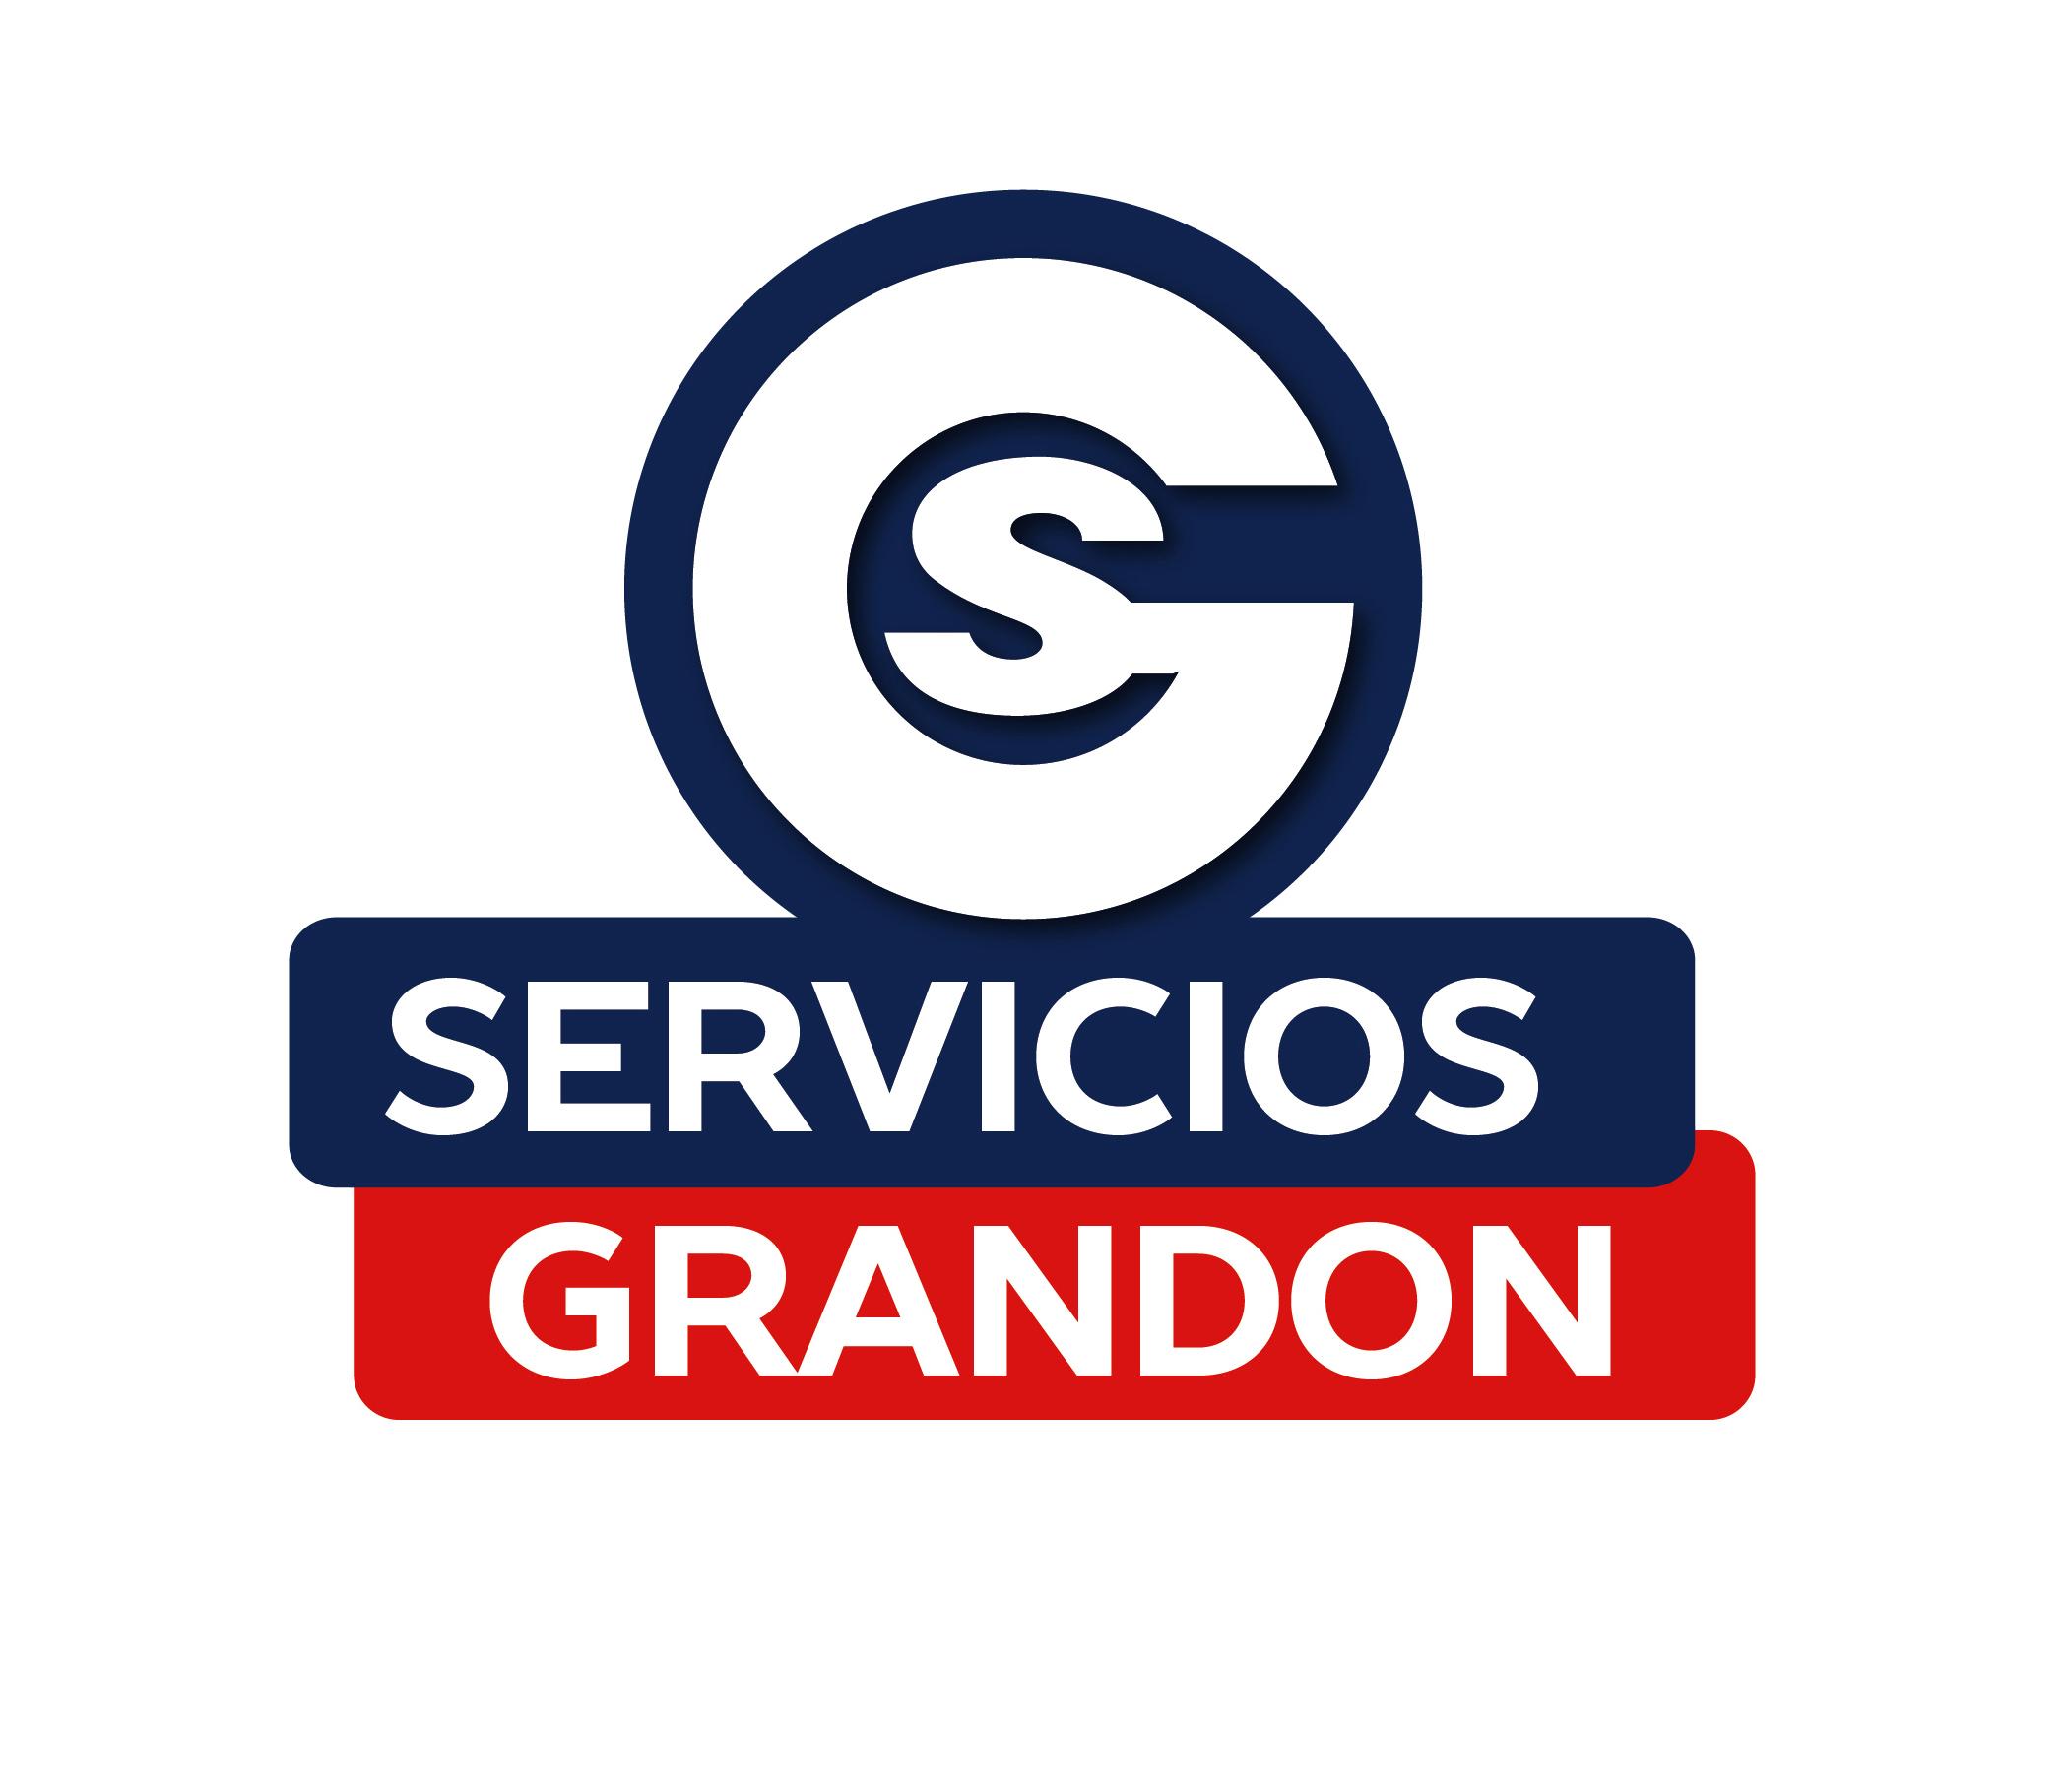 Servicios Grandon